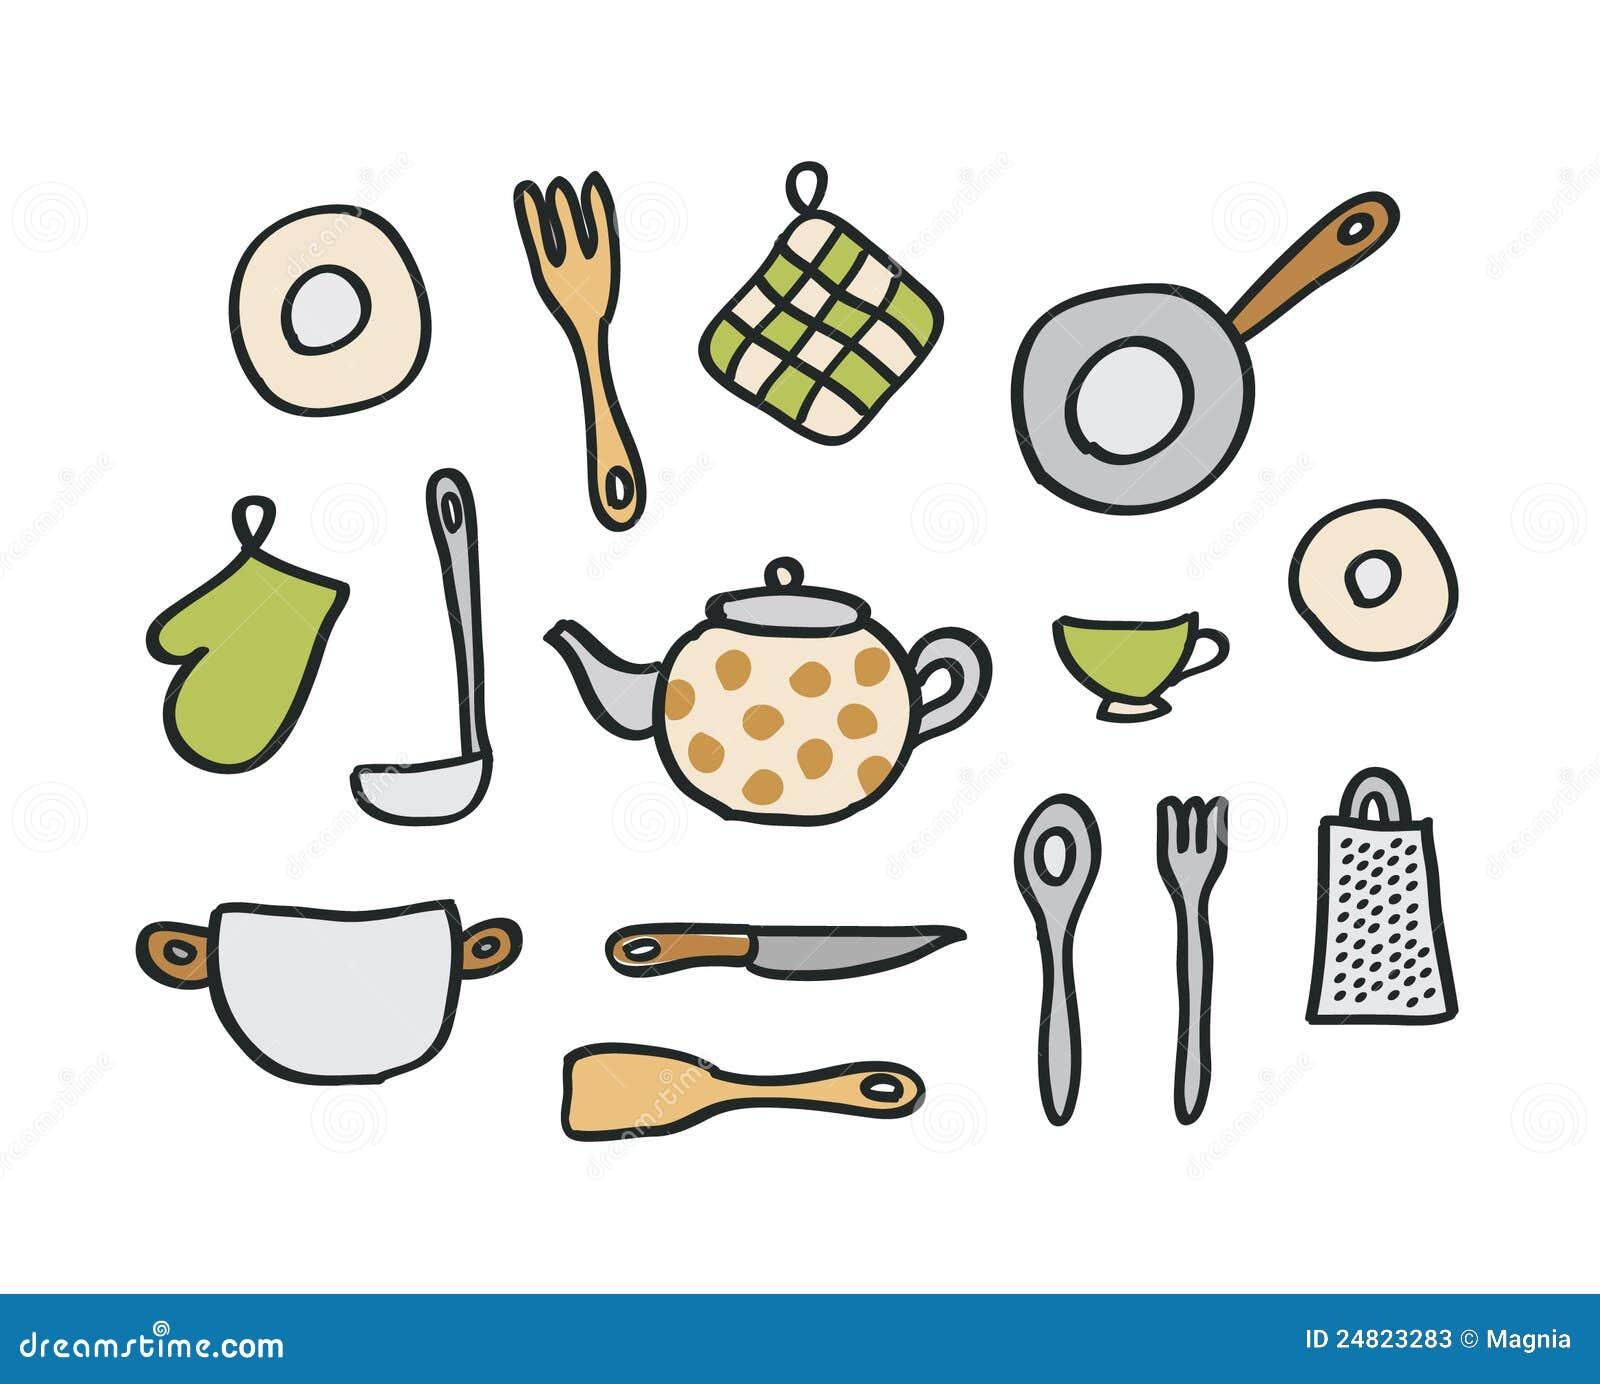 Elementos da cozinha fotos de stock imagem 24823283 for Elementos de cocina